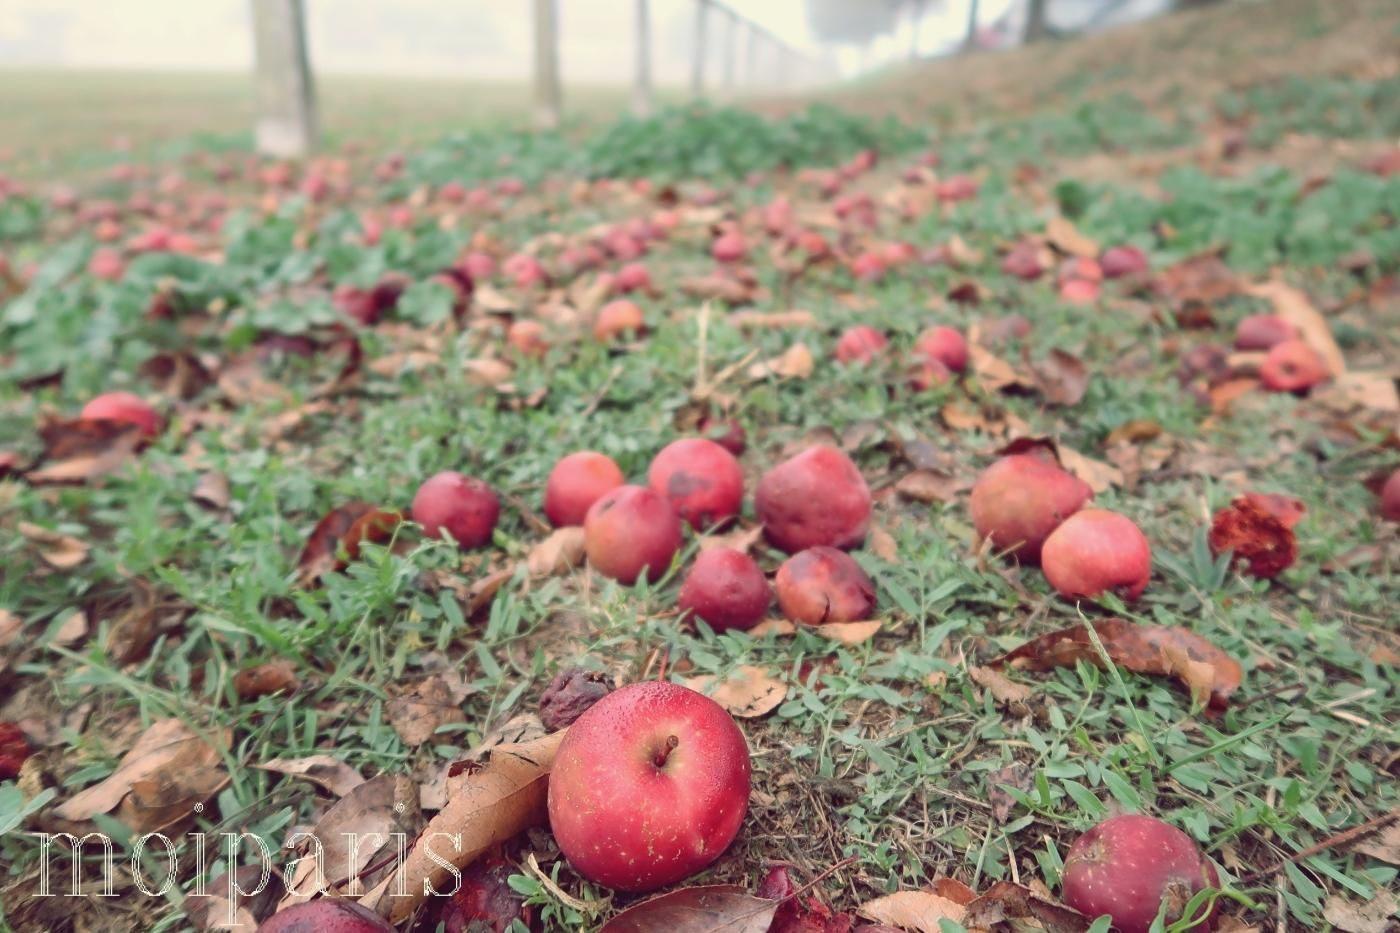 モンサンミッシェル旅行、ラ・ブイユ村、名産リンゴ。